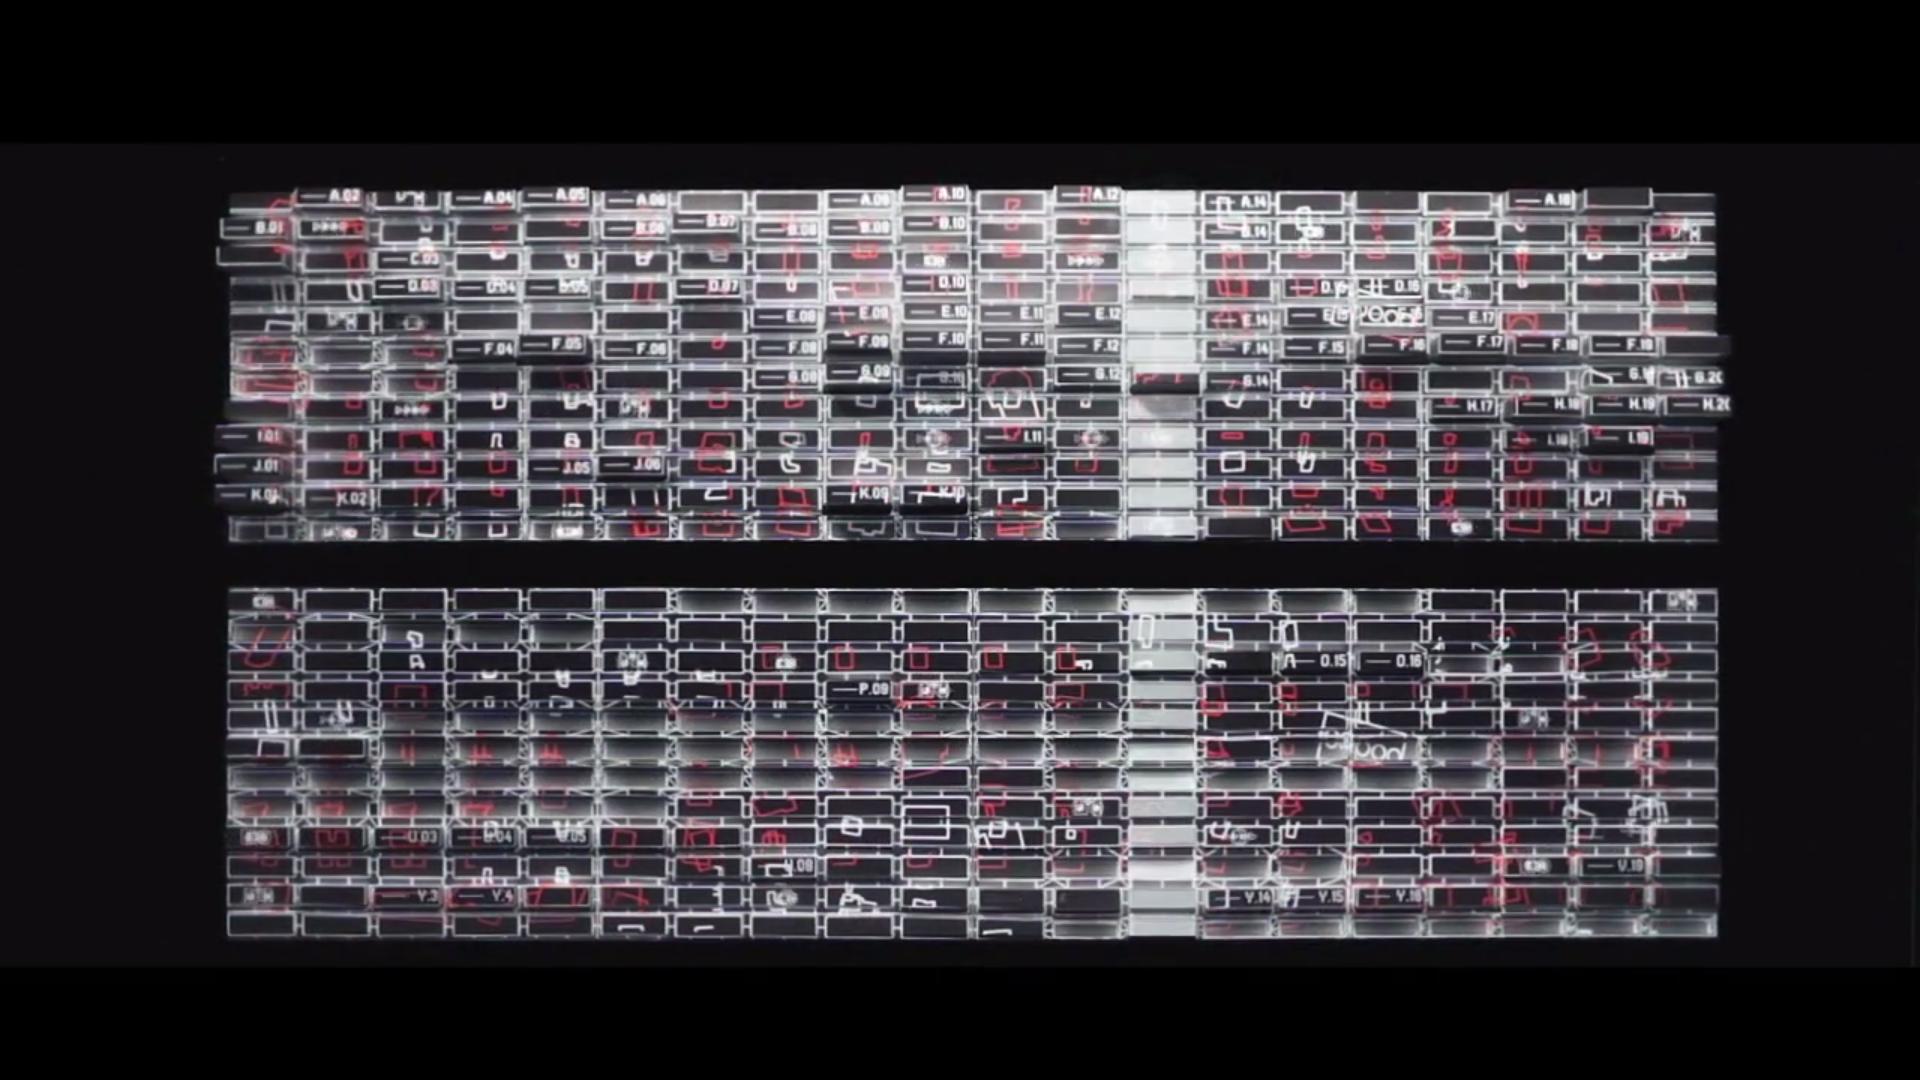 Captura de pantalla 2013-05-29 a las 10.58.14.png